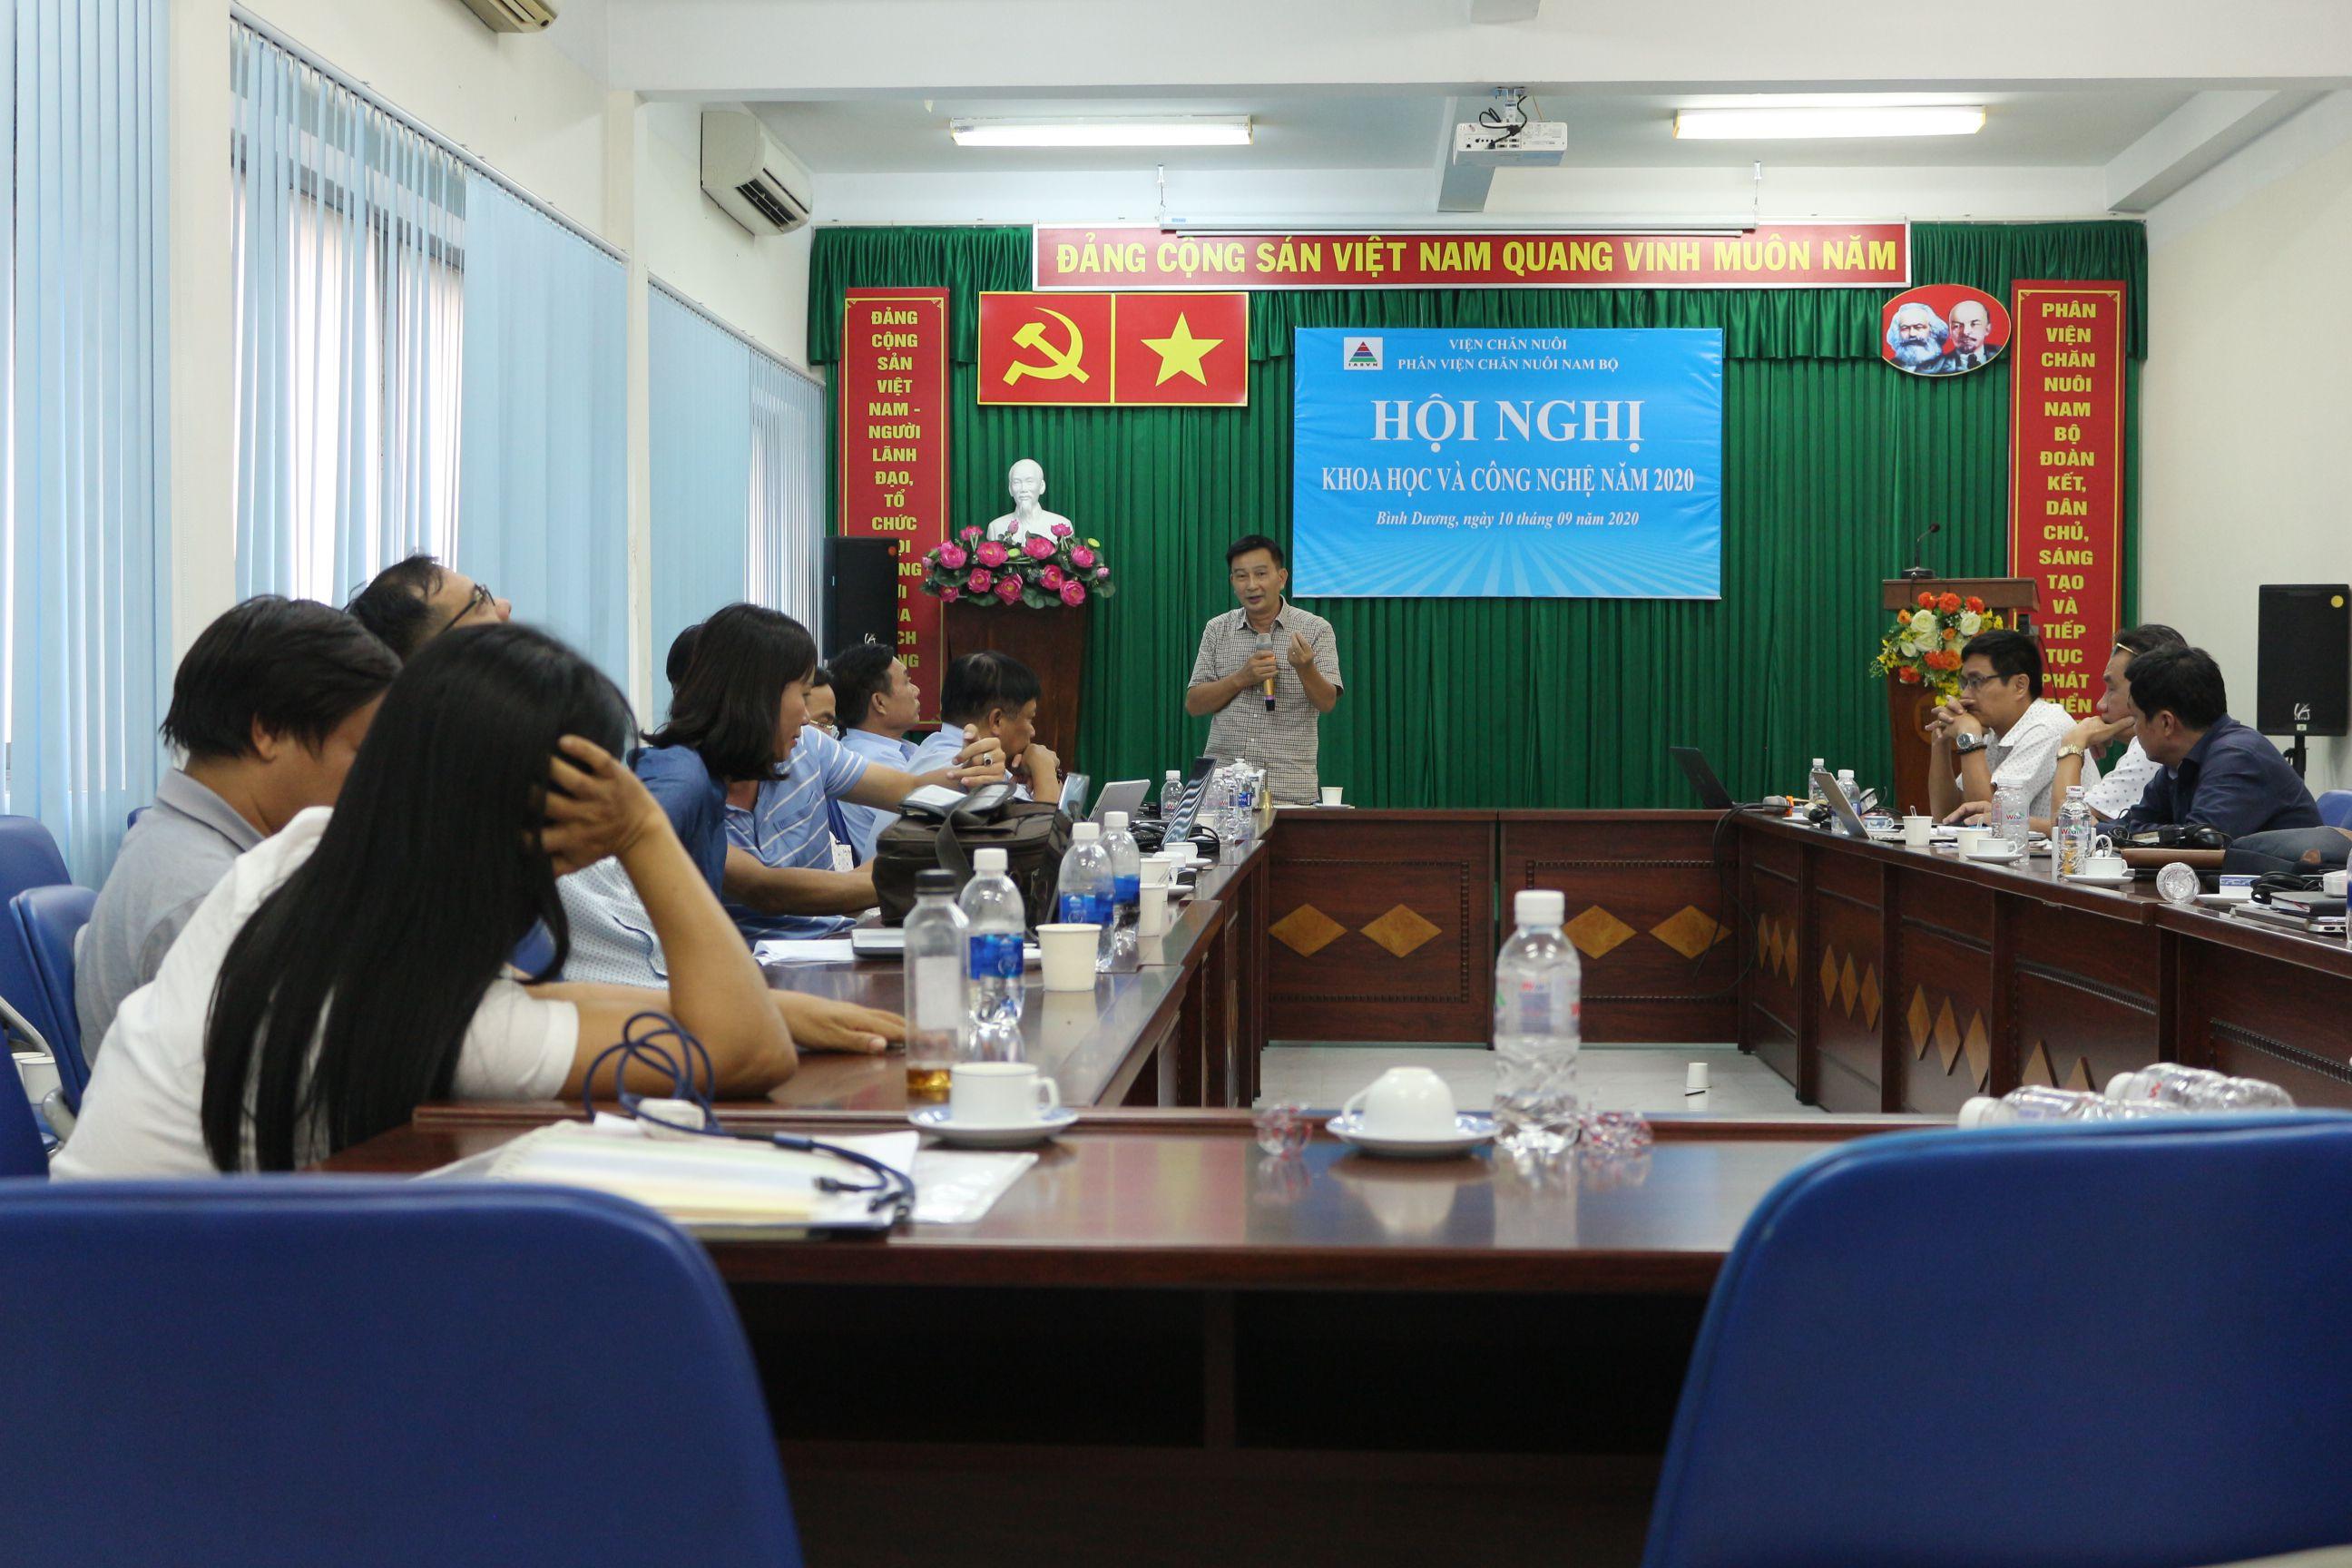 Hội nghị Khoa học Phân Viện Chăn Nuôi Nam Bộ